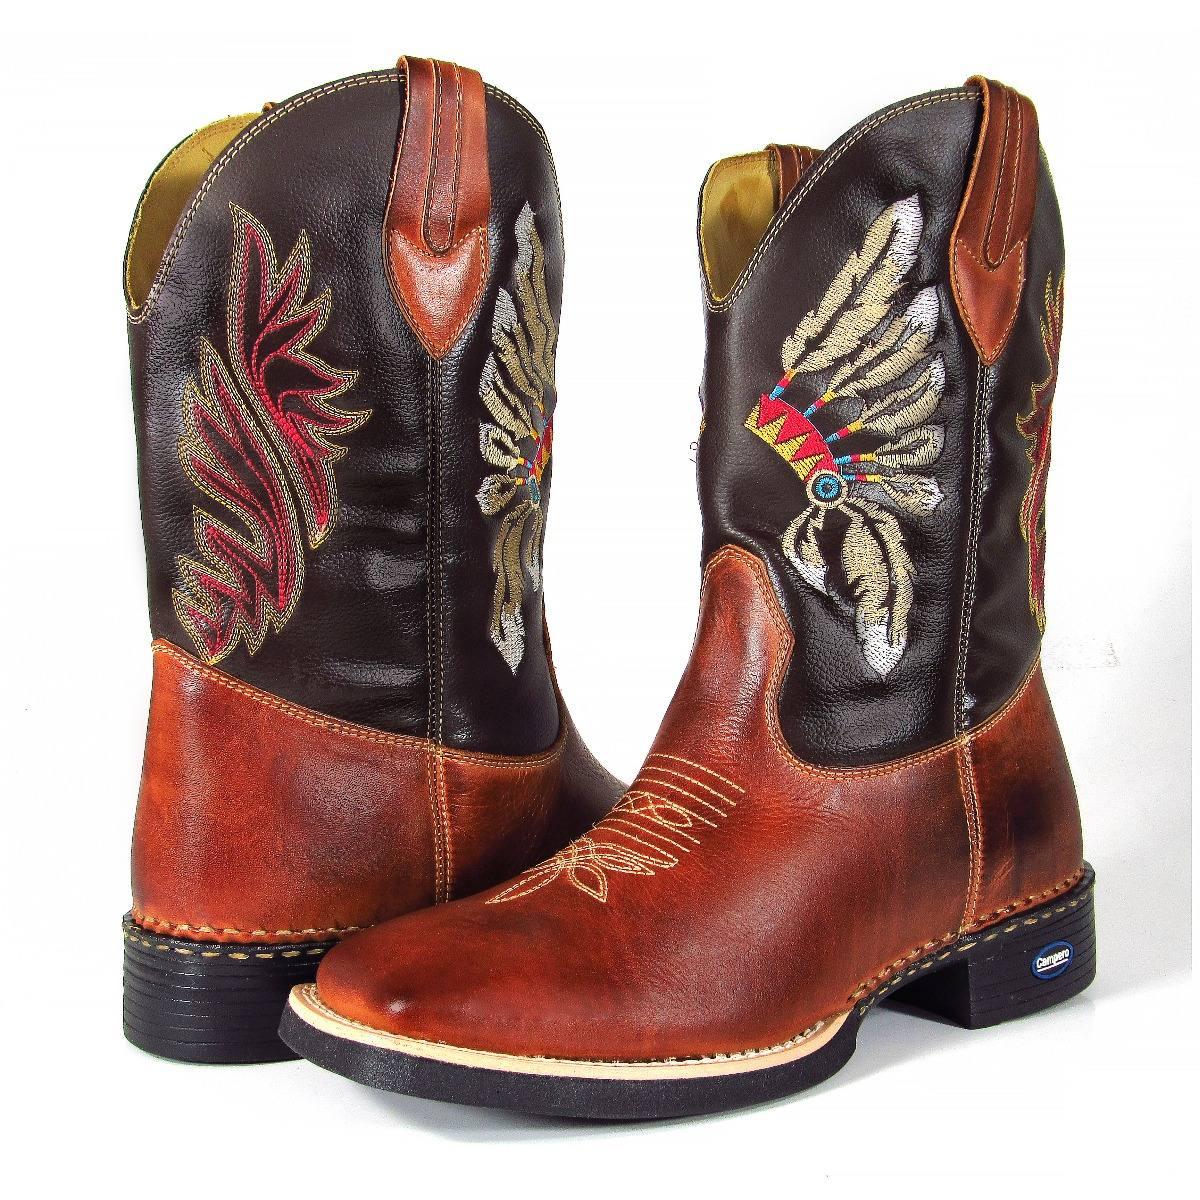 ... Bota Masculina Cano Longo Texana Country Bico Quadrado 279a68f7c0d561  ... 89930e8383be7